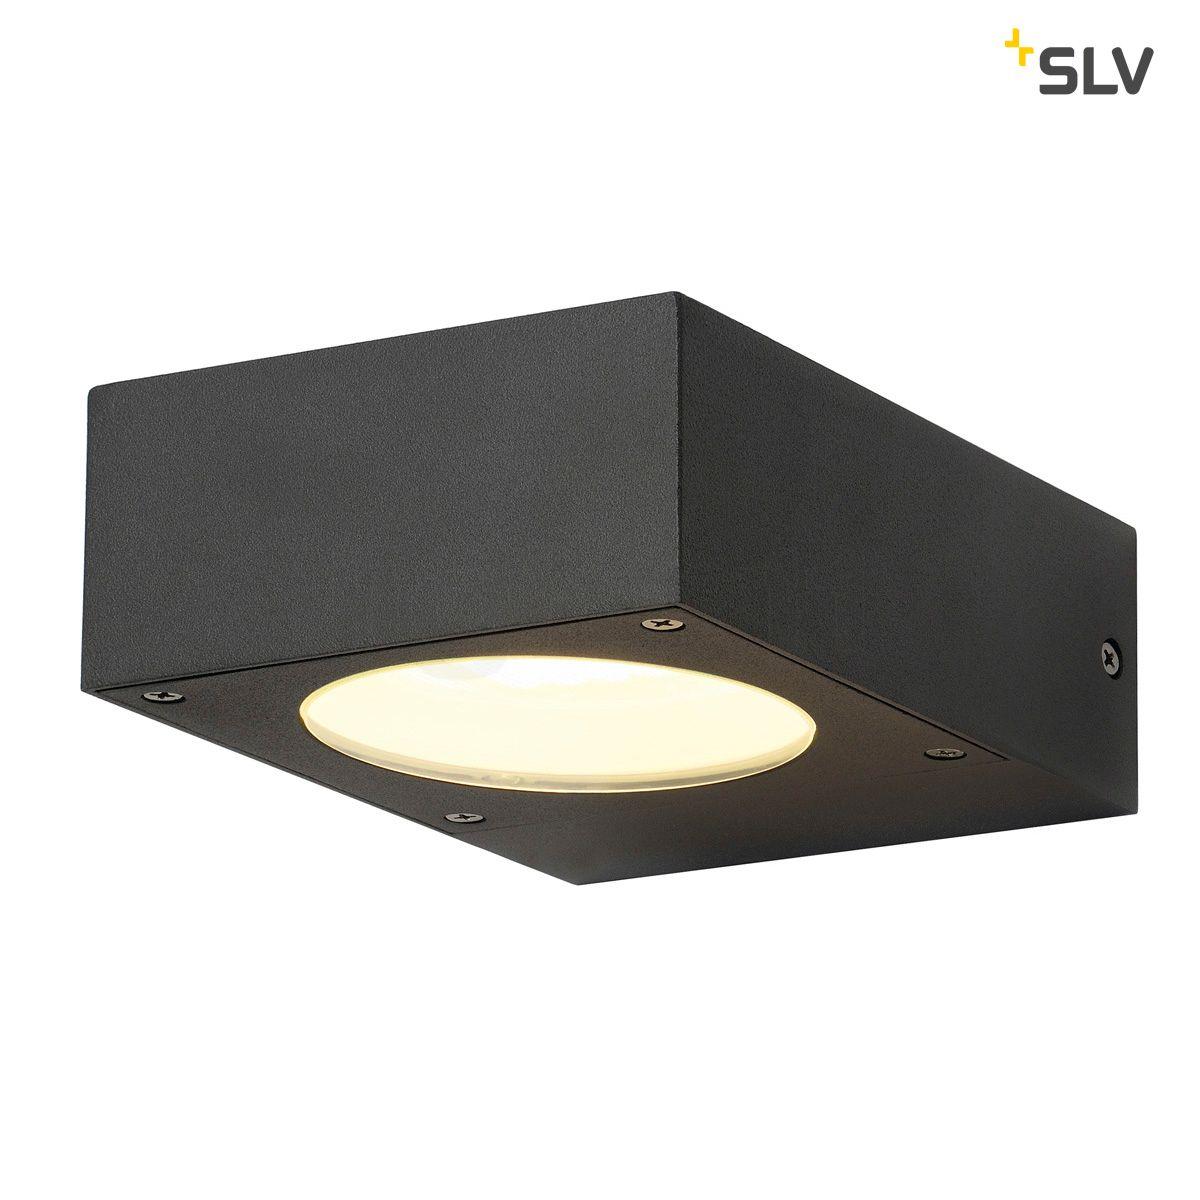 slv quadrasyl  Buy SLV Quadrasyl Wall light at